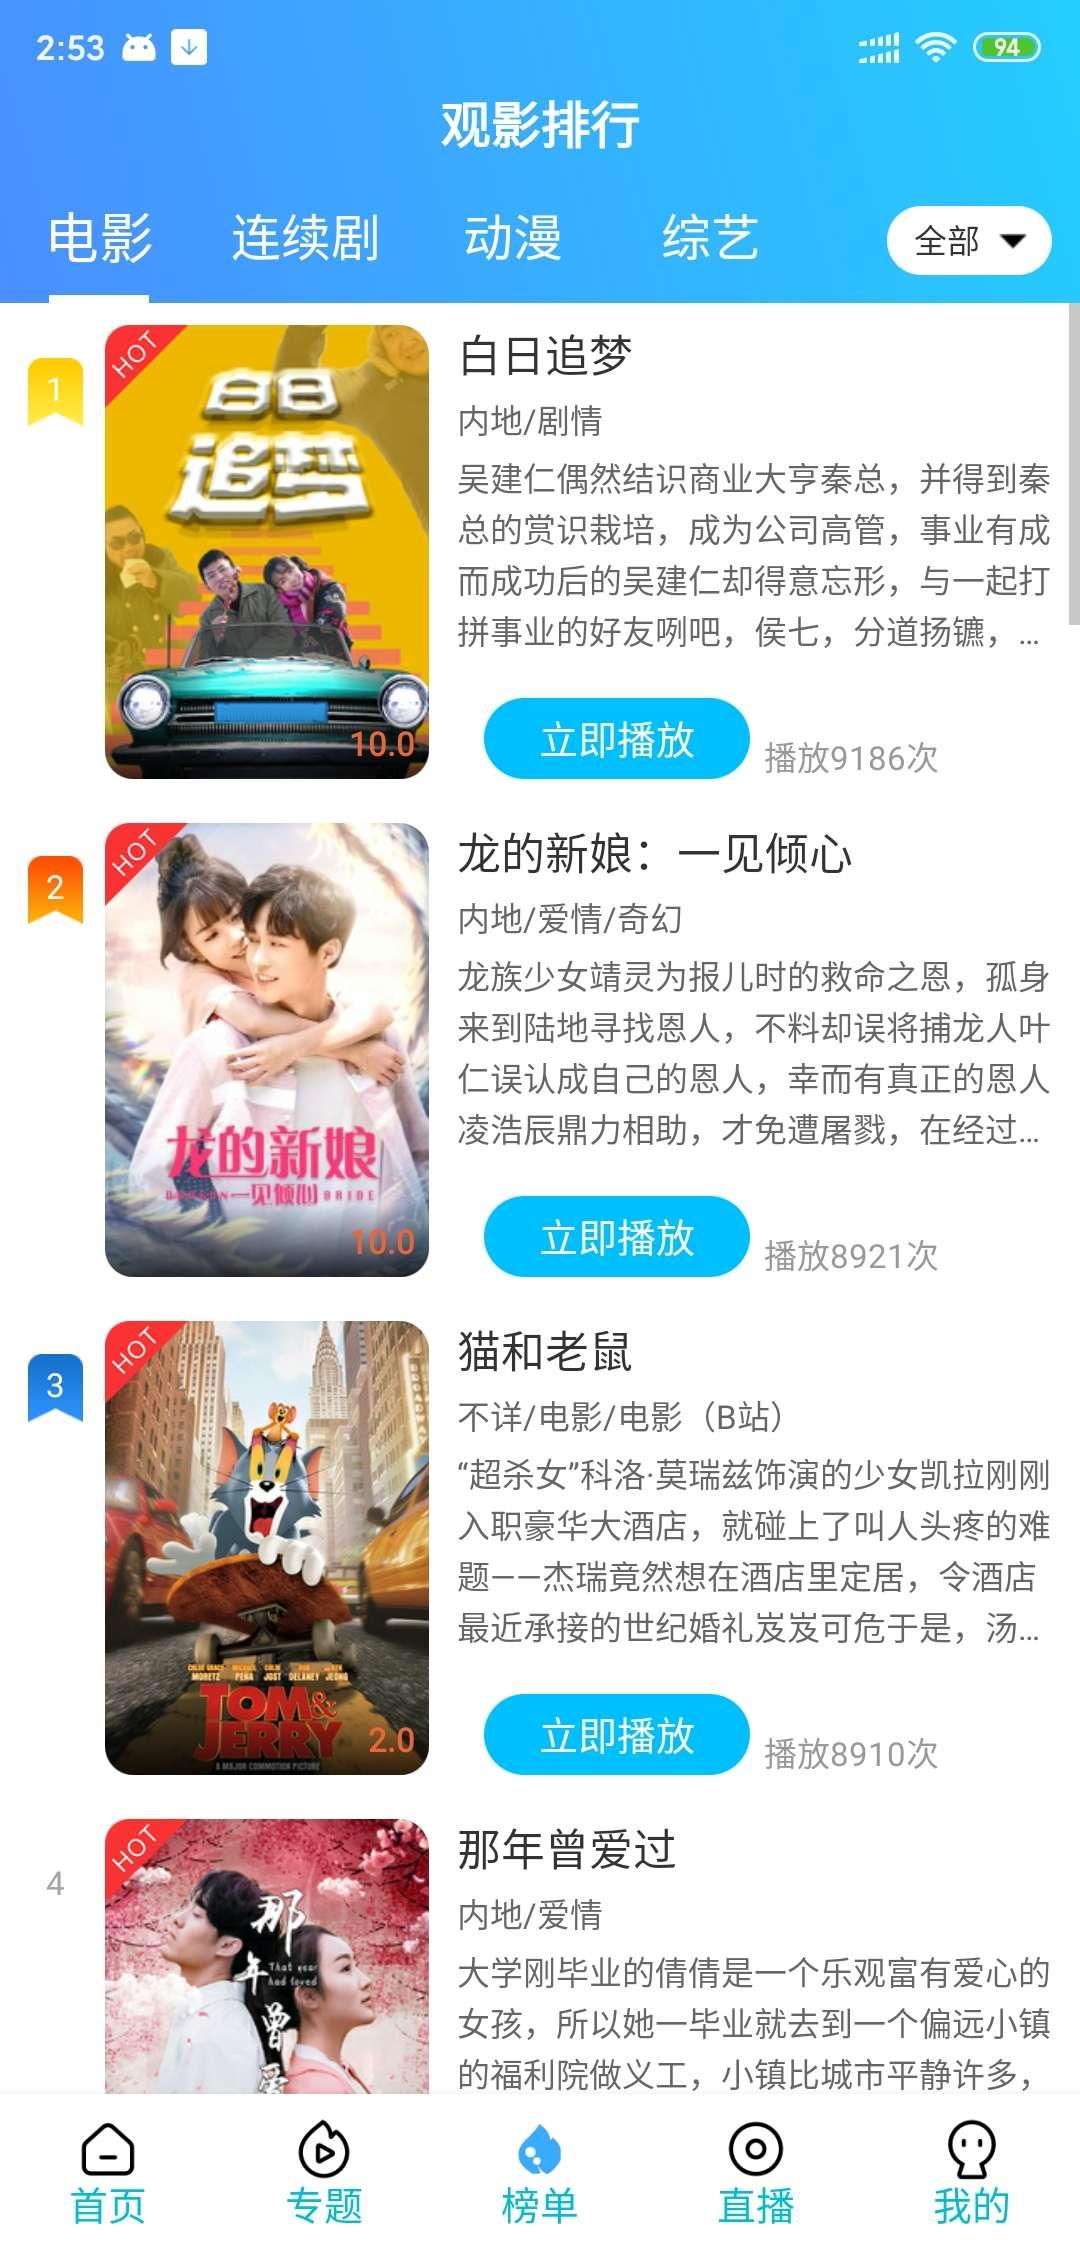 亦龙影视v3.1.3直装VIP/去广告/聚合全网影视资源